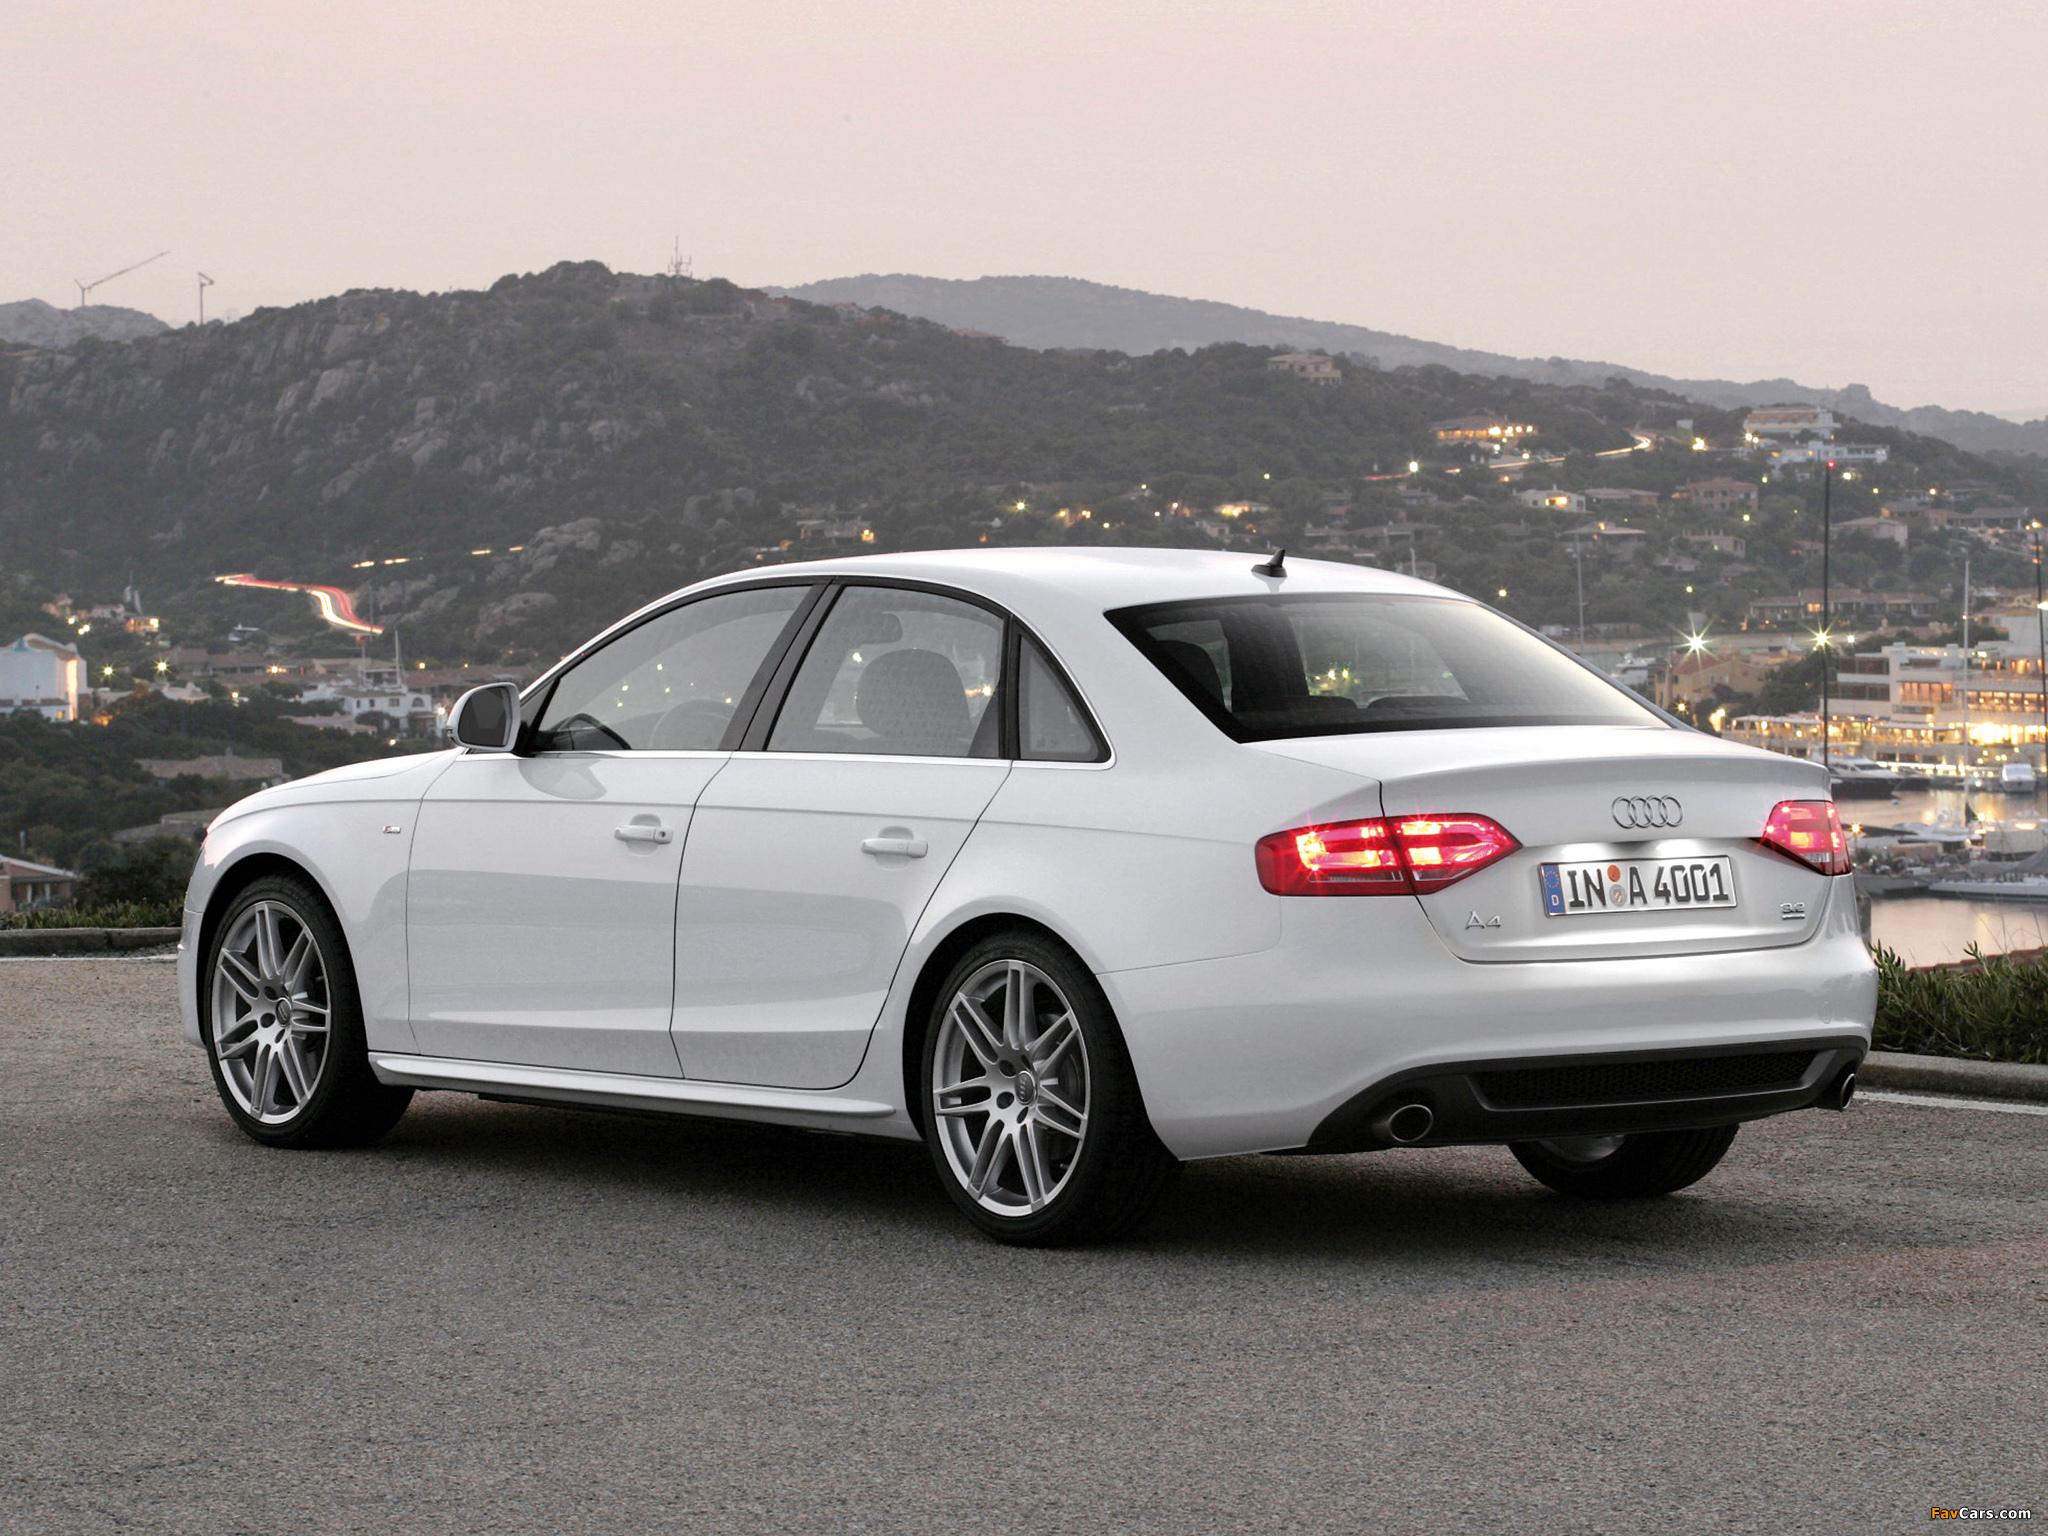 Kelebihan Audi A4 3.2 Fsi Top Model Tahun Ini